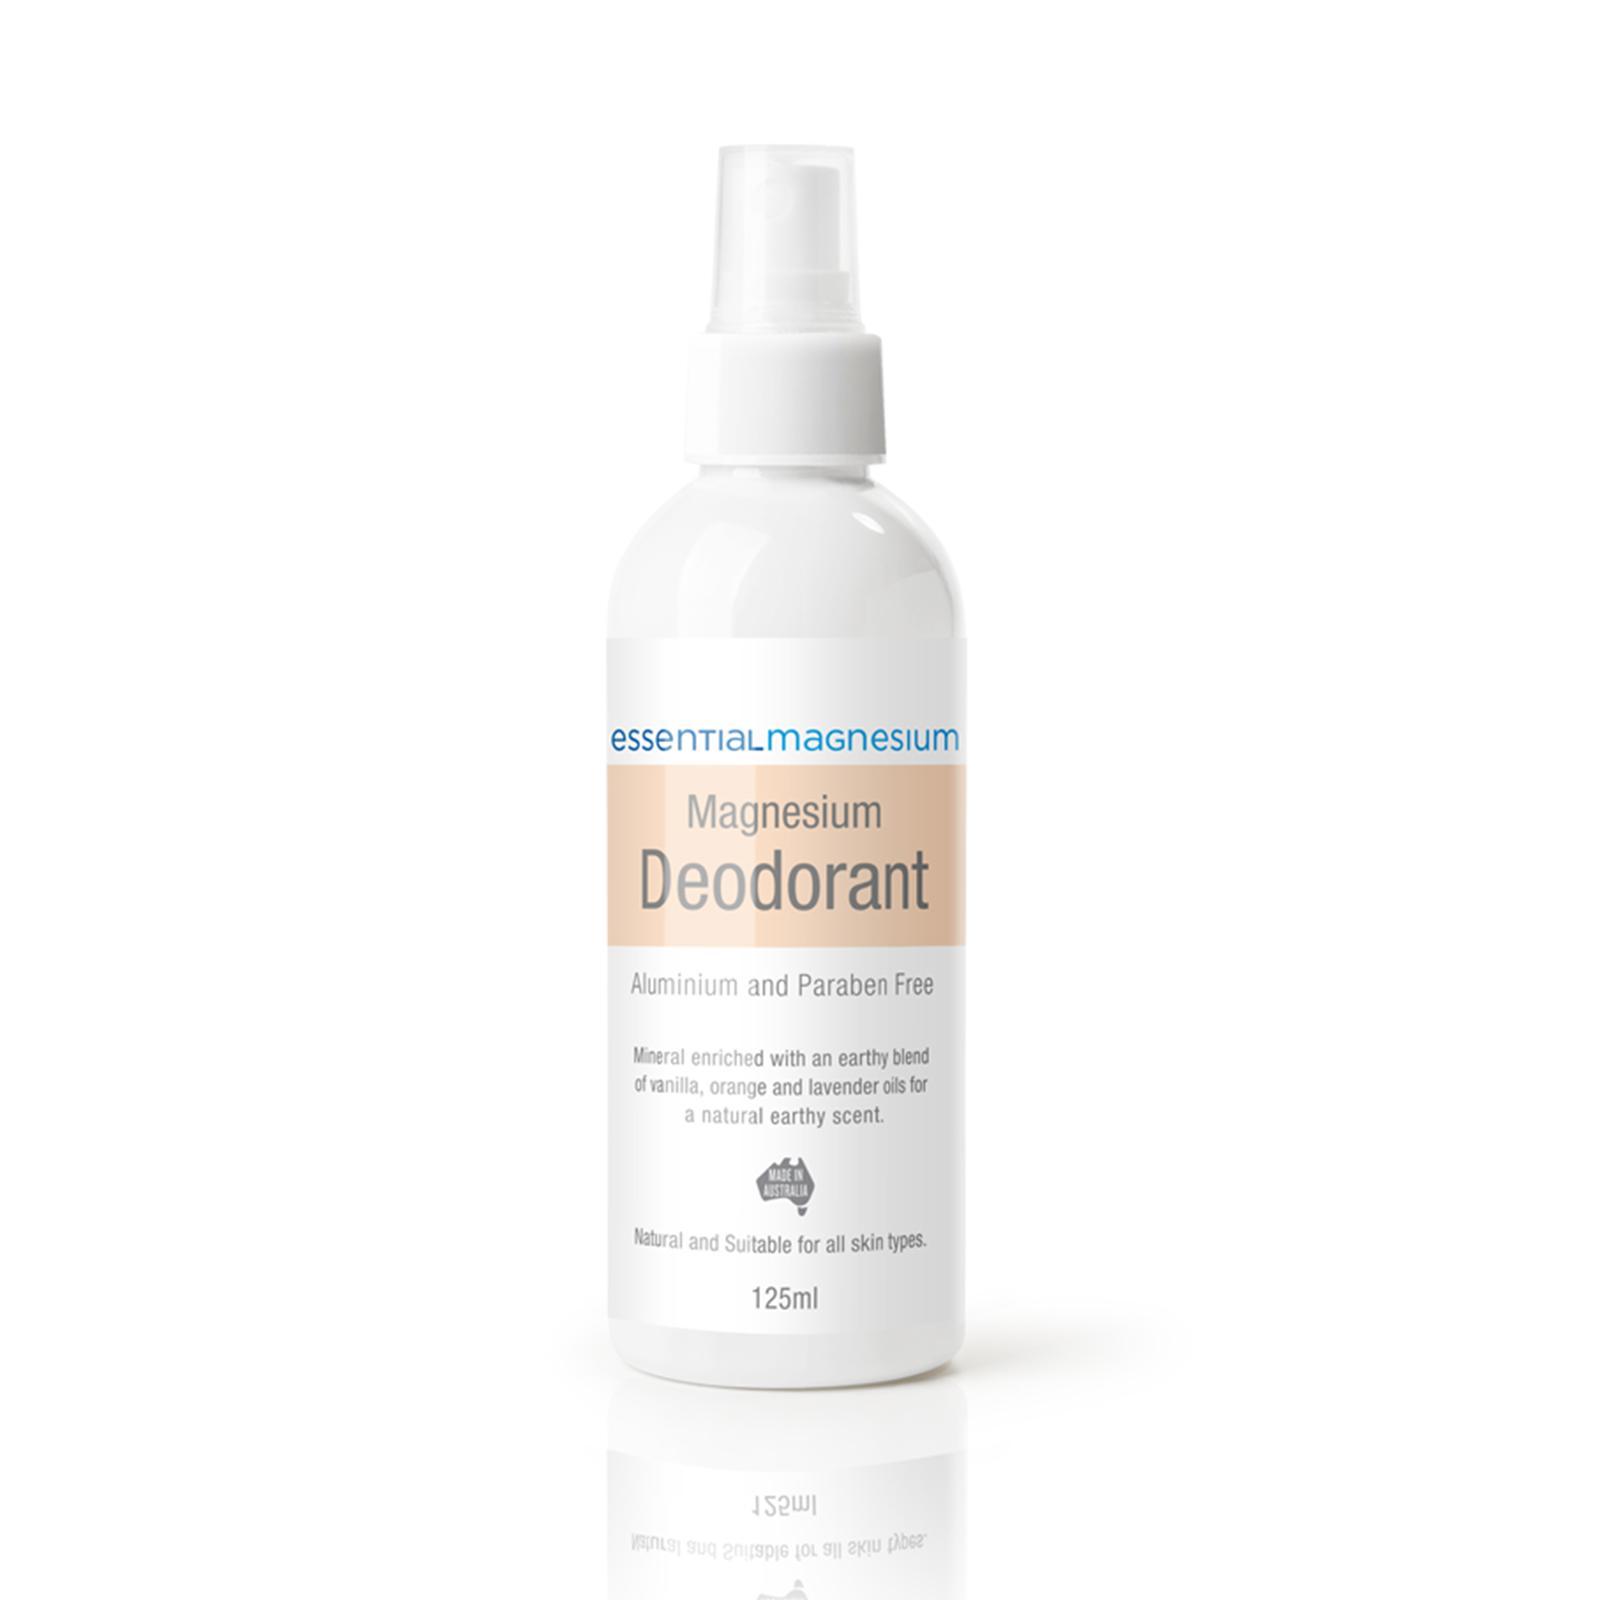 Buy Essential Magnesium Deodorant - Orange Label (vanilla, orange and lavender) Singapore